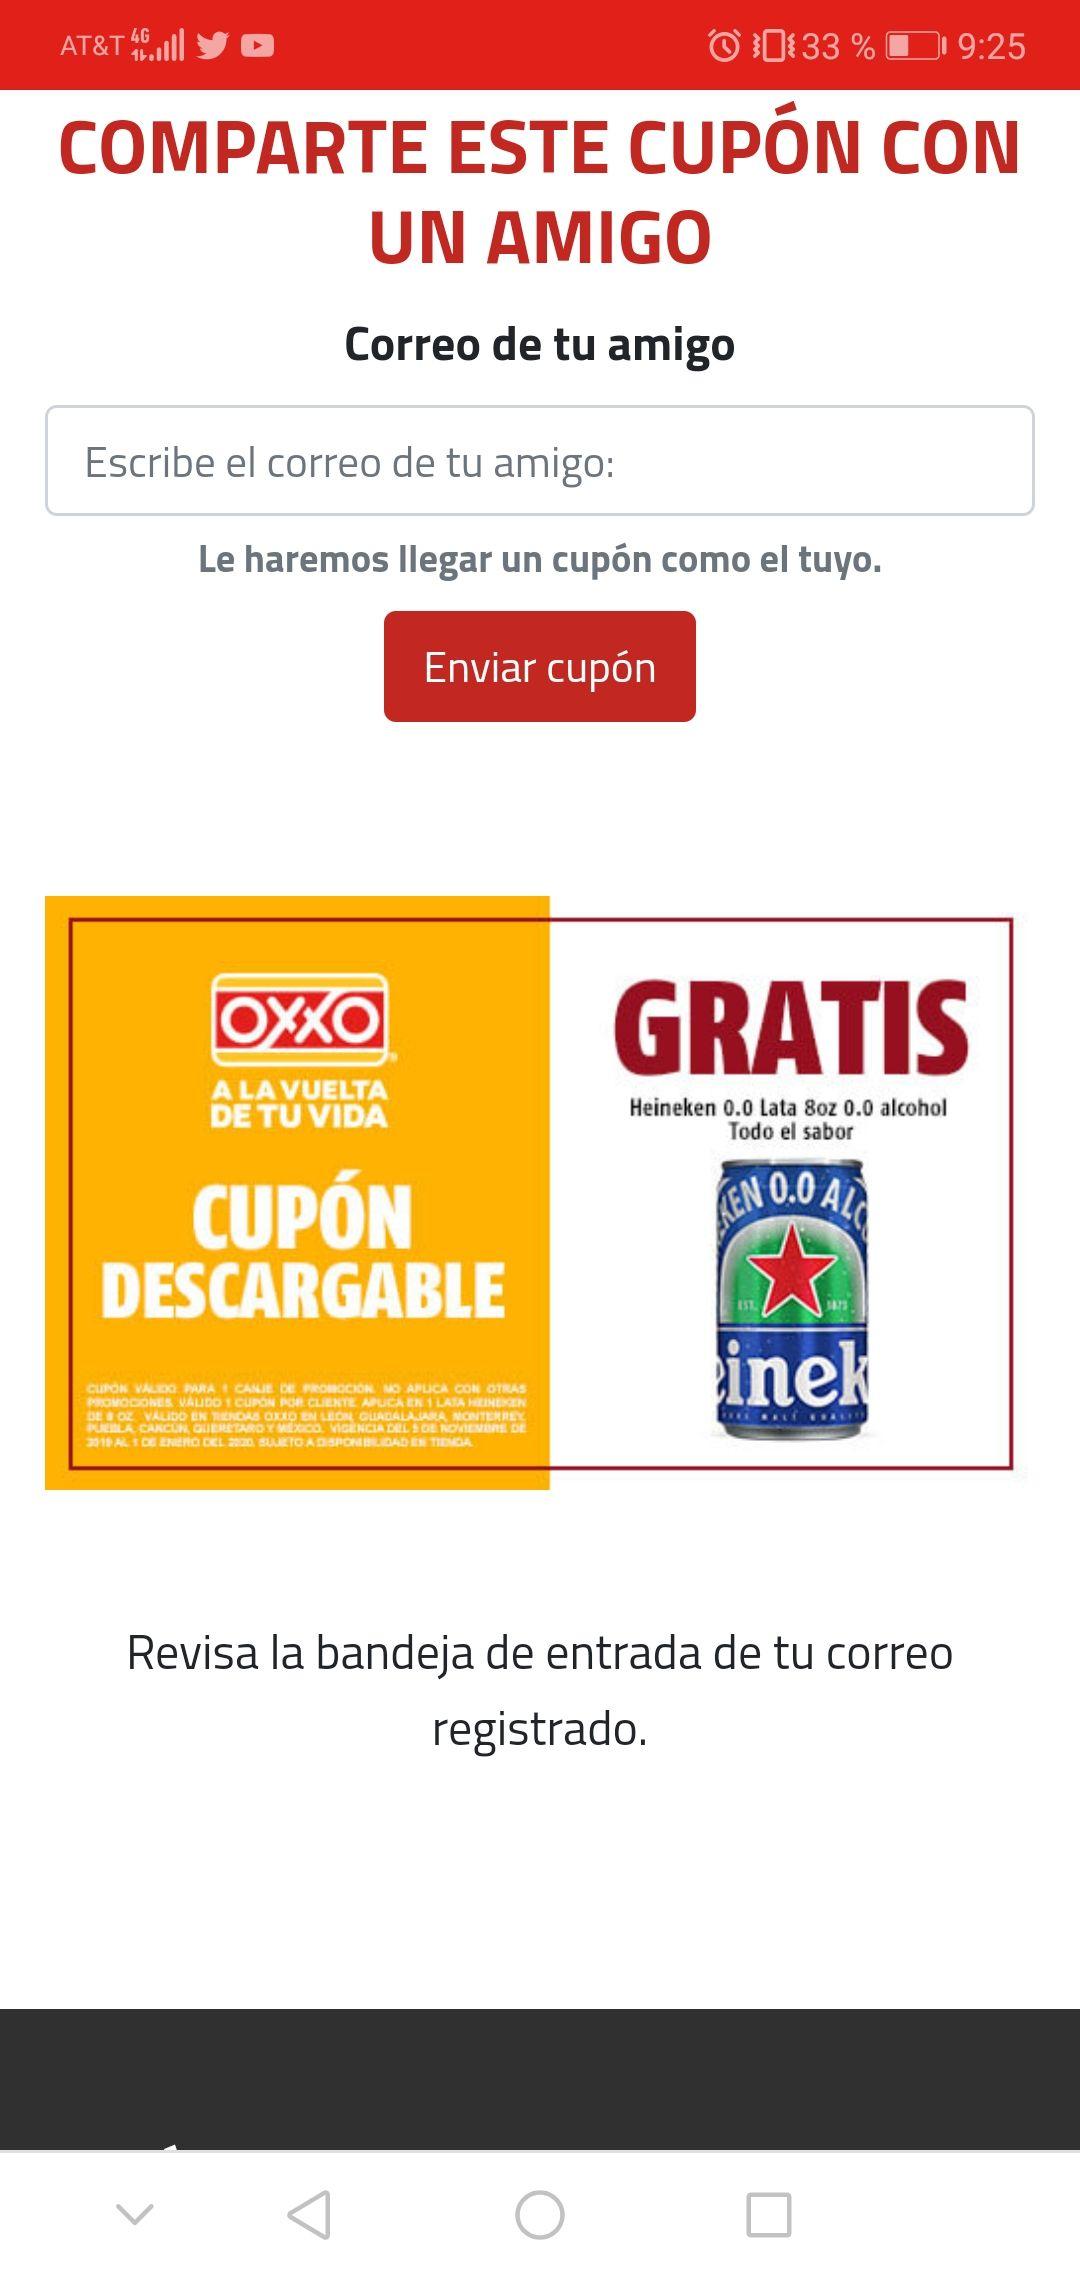 Heineken sin alcohol gratis (cupon Oxxo)